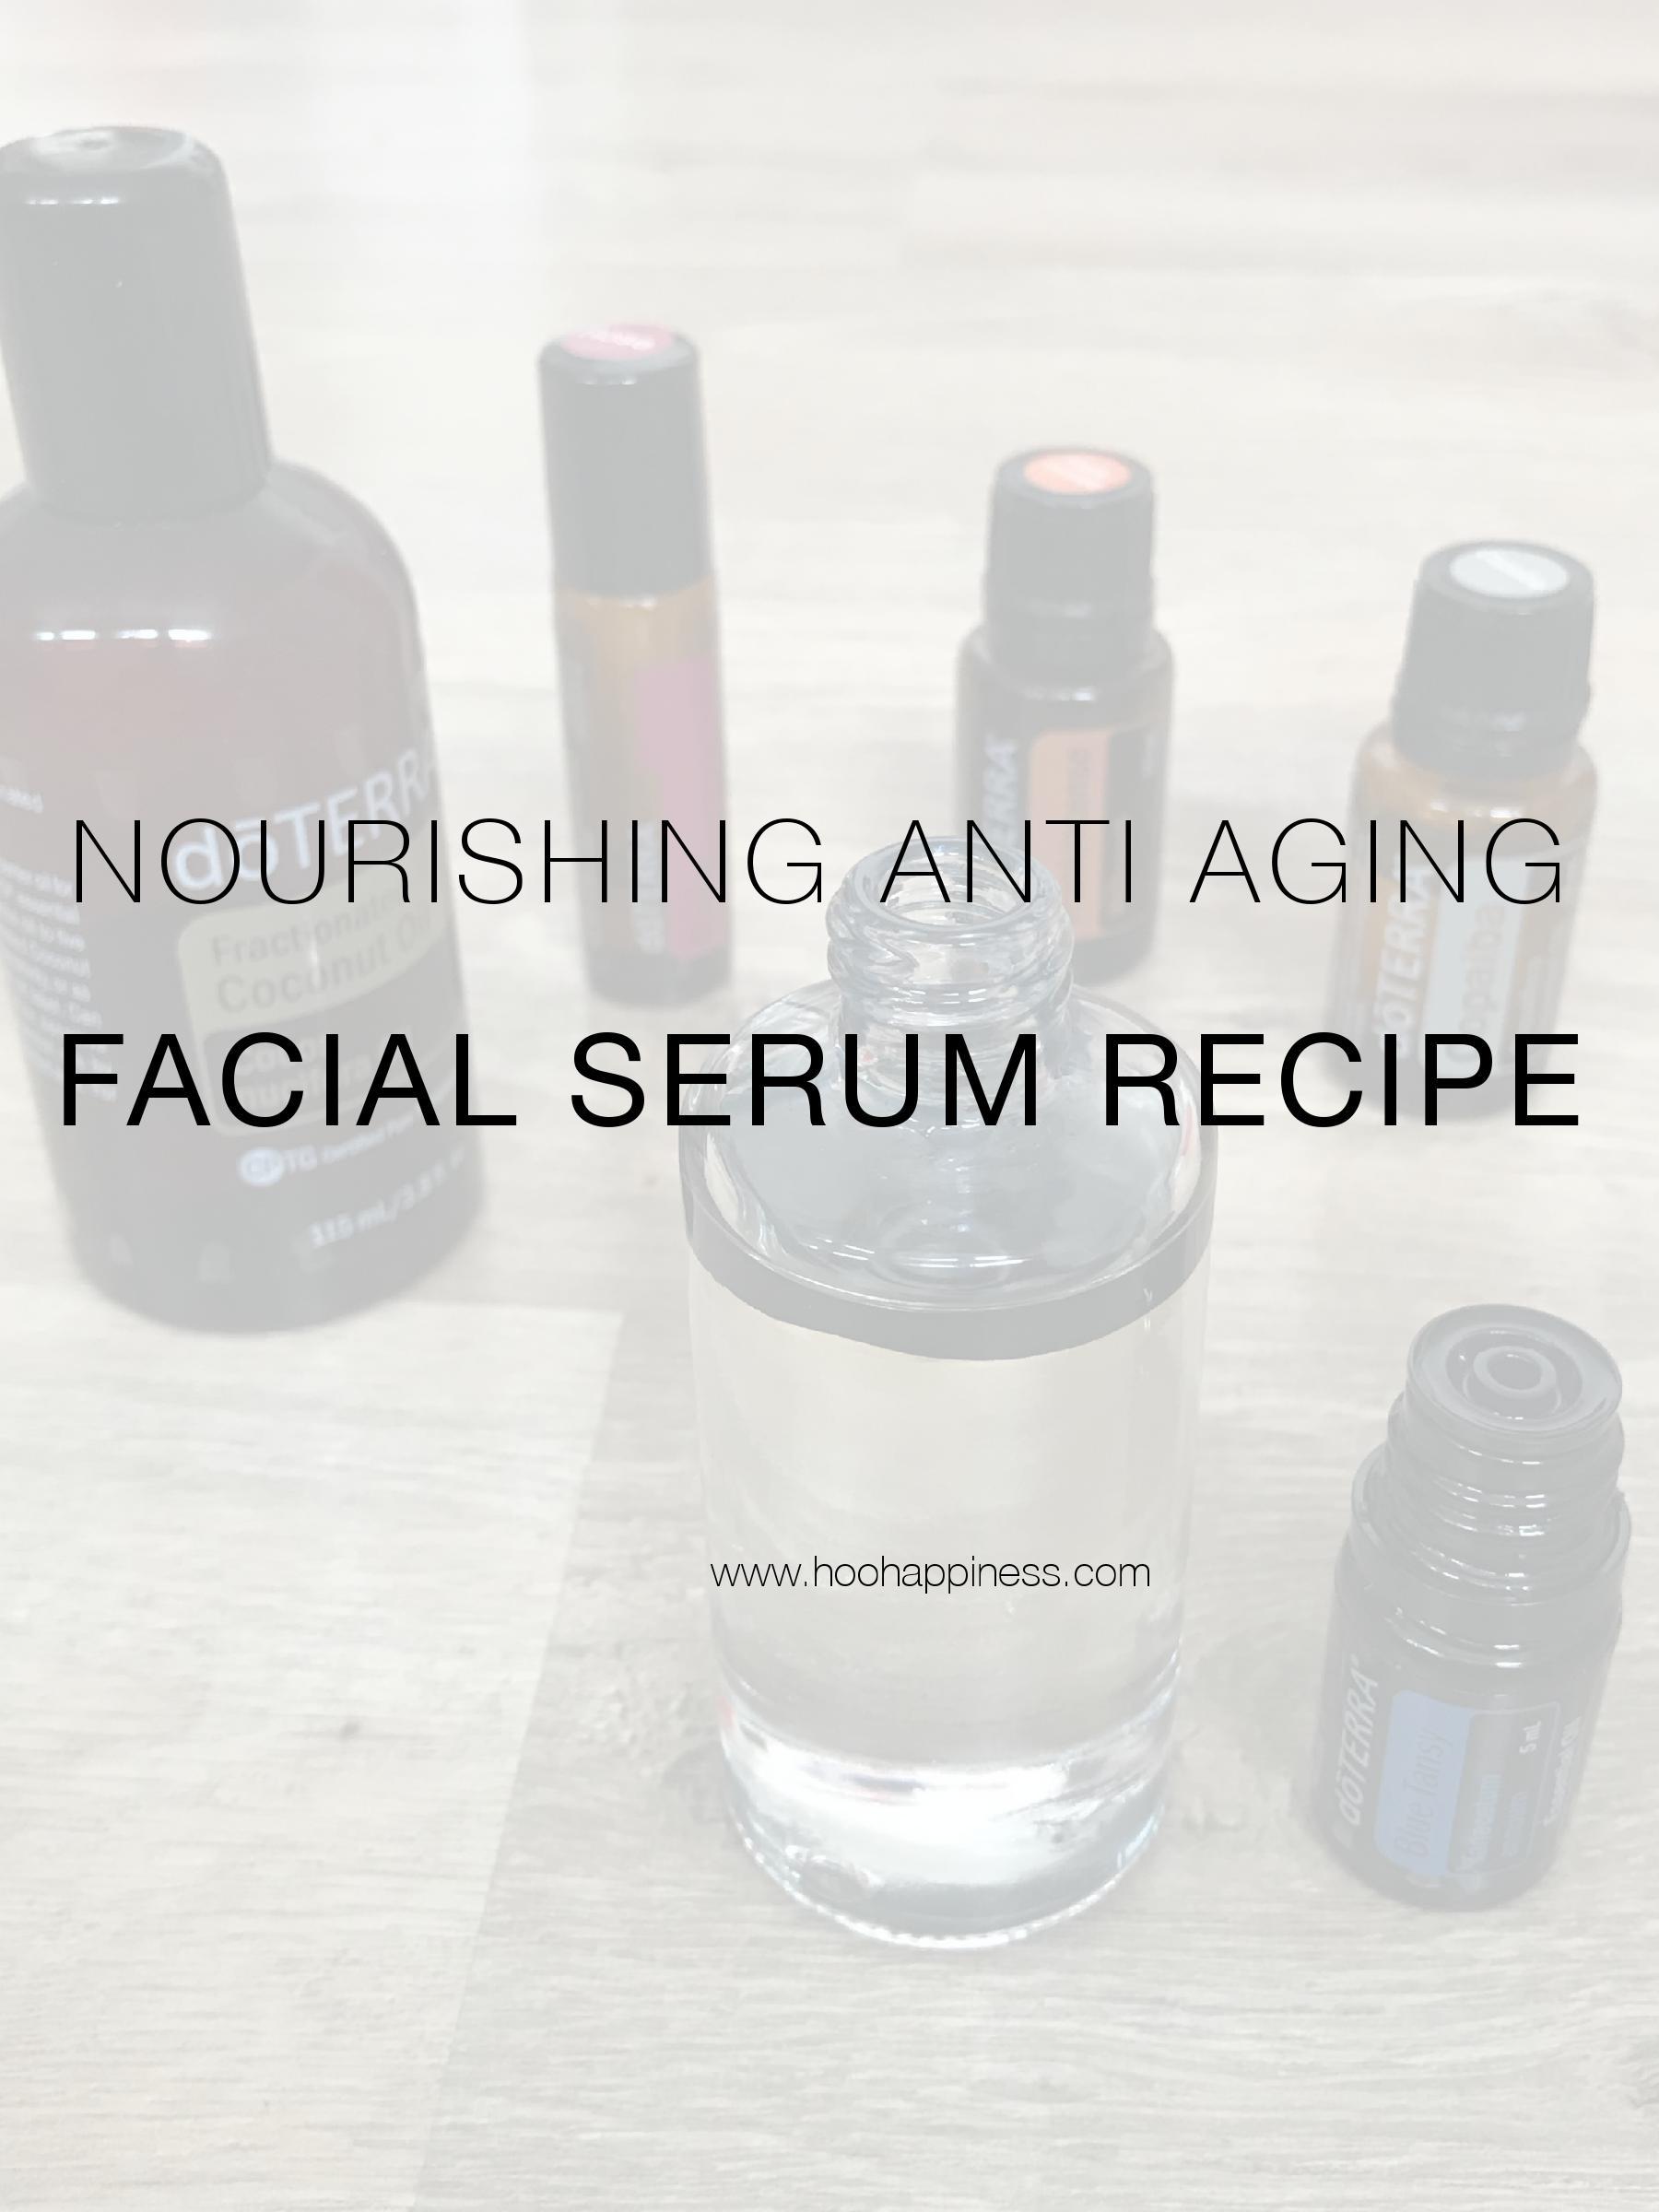 Nourishing Anti-Aging Facial Serum